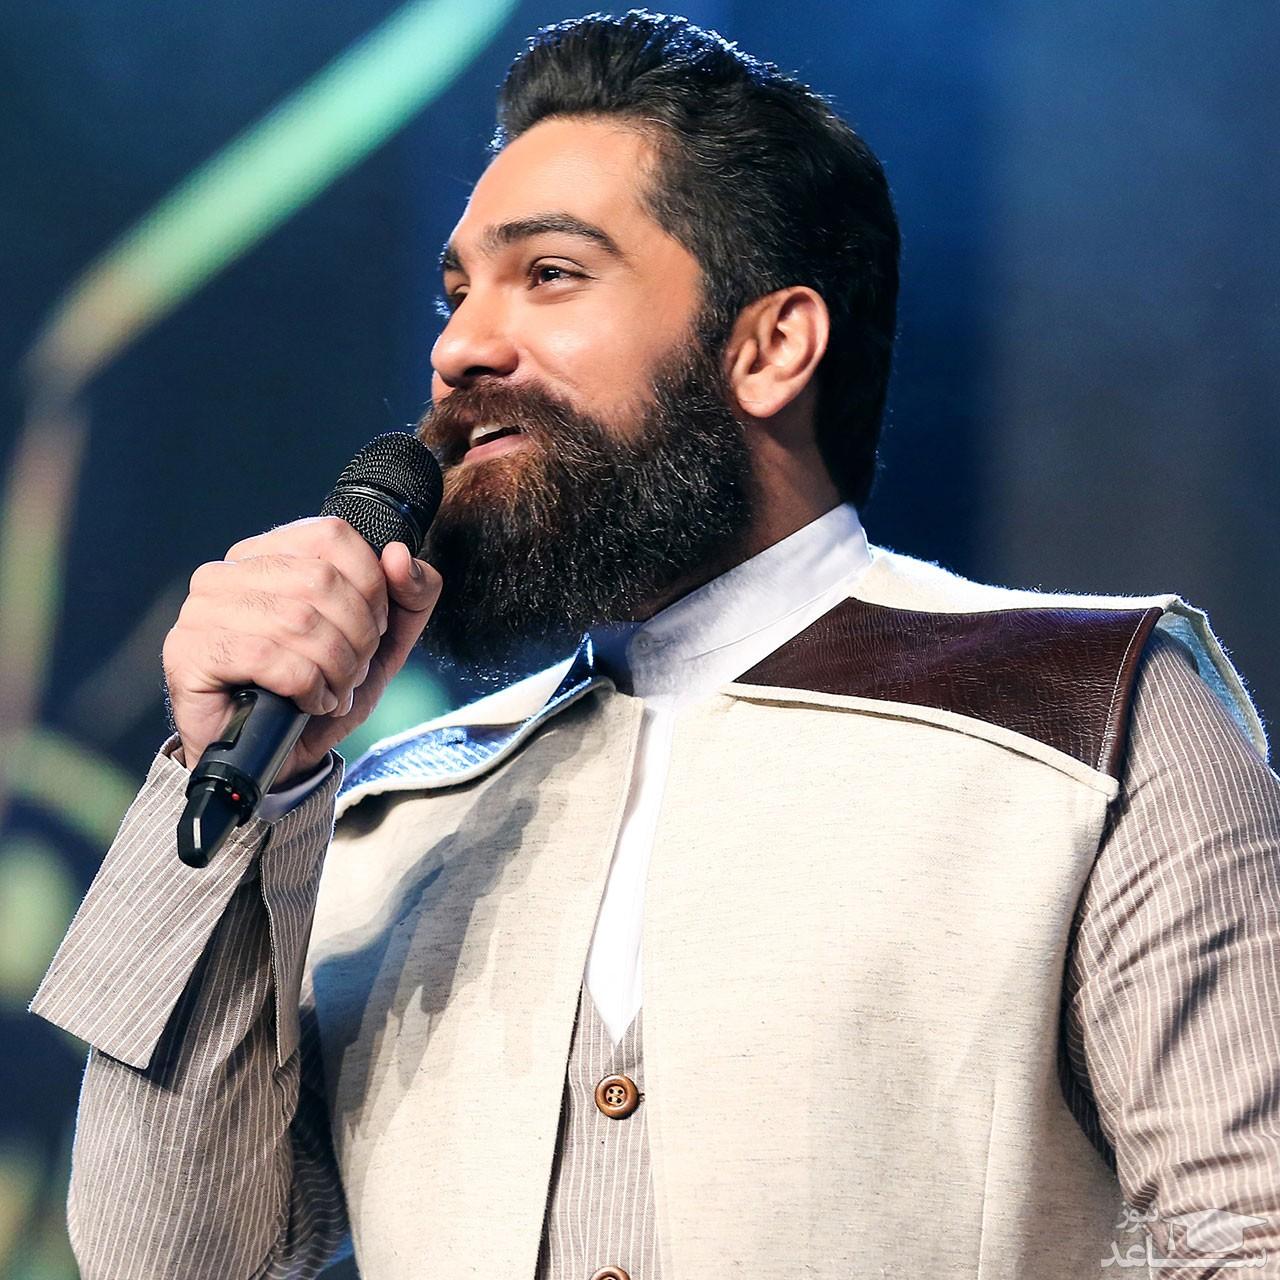 ماجرای توله شیری که میان «علی زندوکیلی» و هوادارانش آشوب به پا کرد